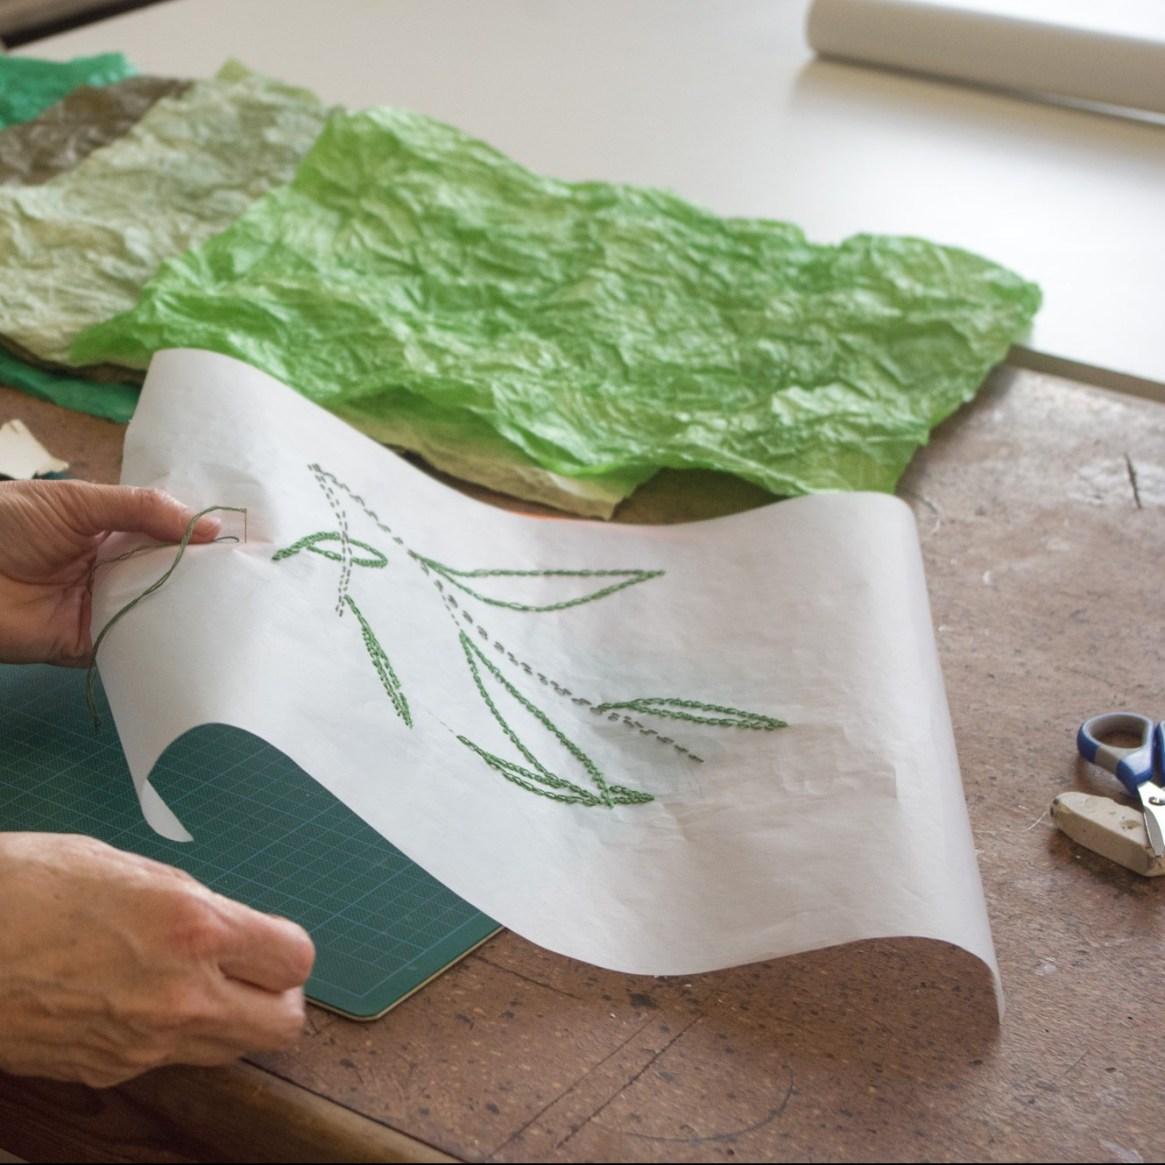 image d'une broderie sur papier en cours de réalisation